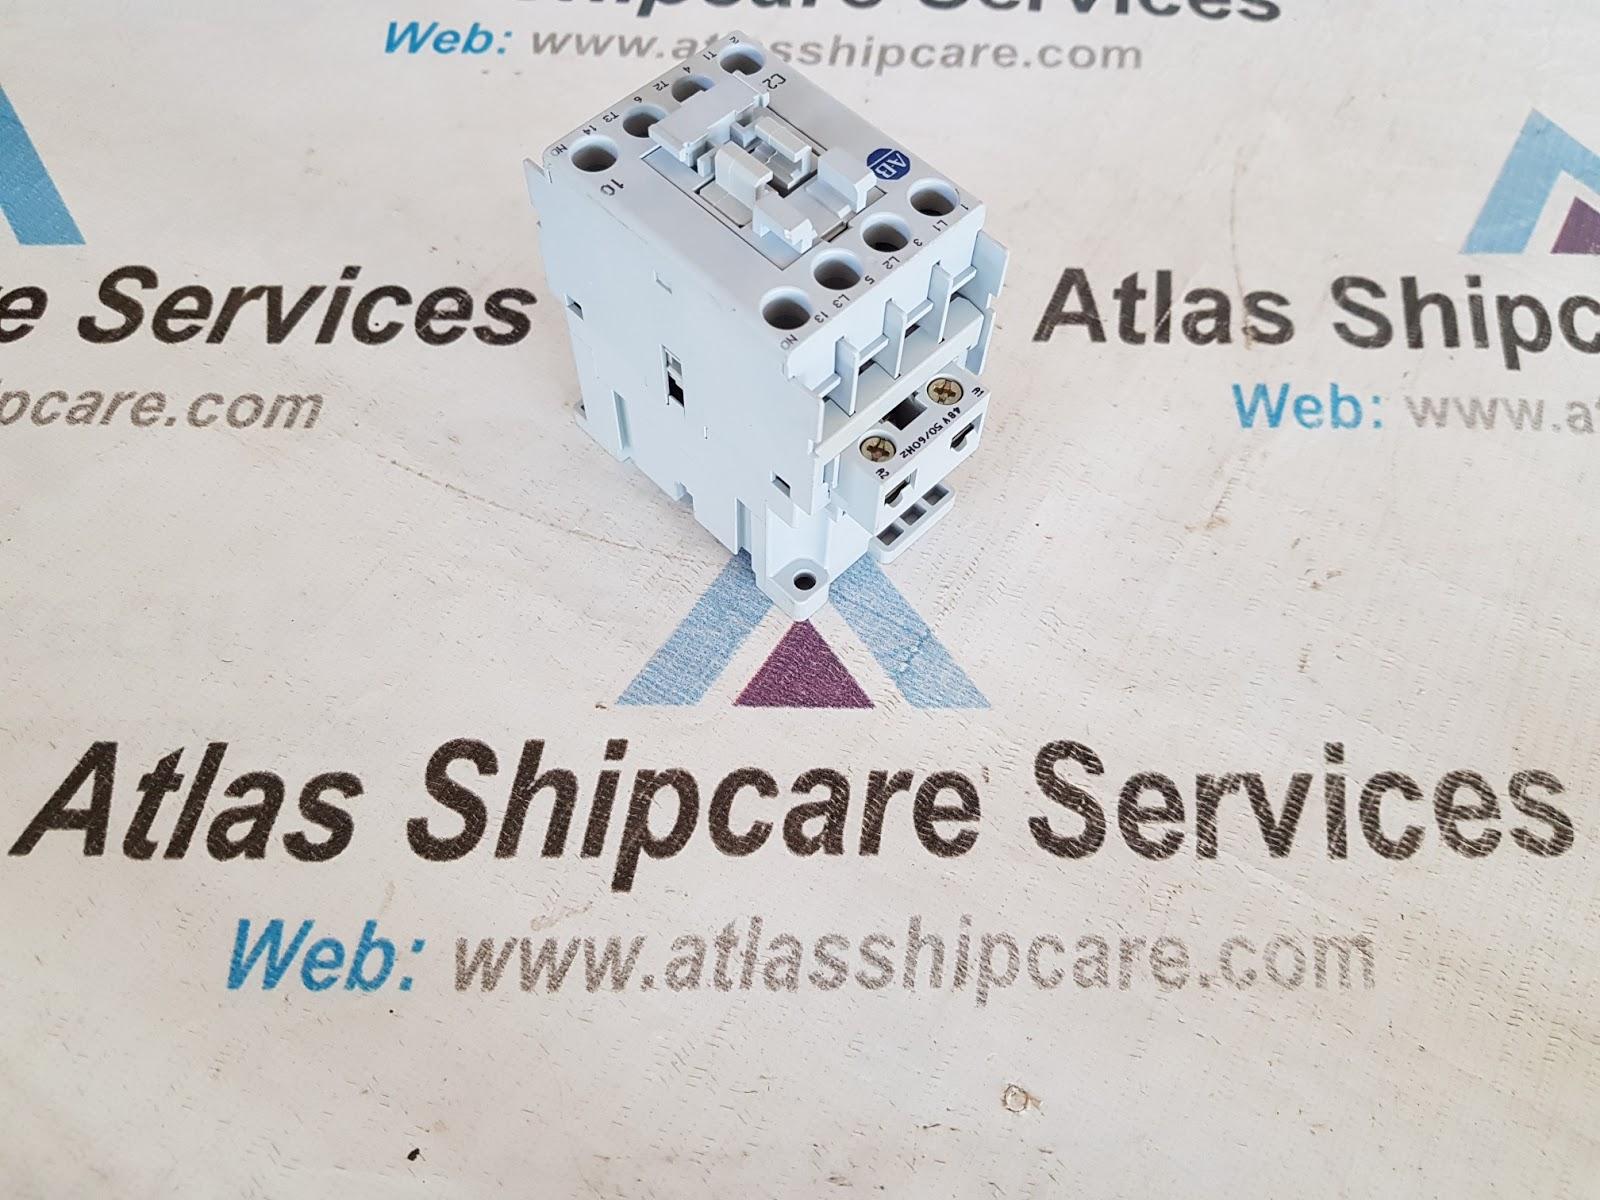 ALLEN BRADLEY 100-C23*10 CONTACTOR | Atlas Shipcare Services